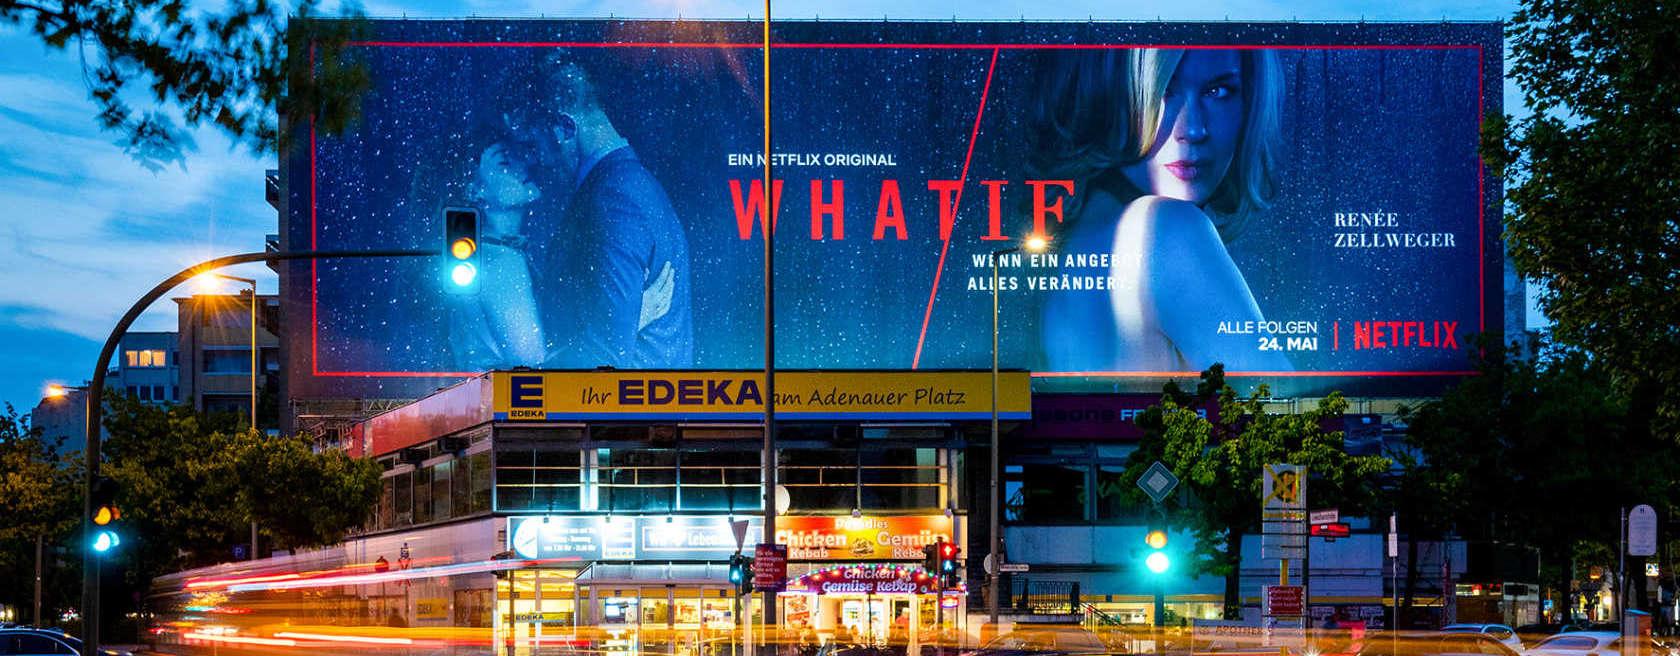 Großformatdruck für Netflix in Berlin